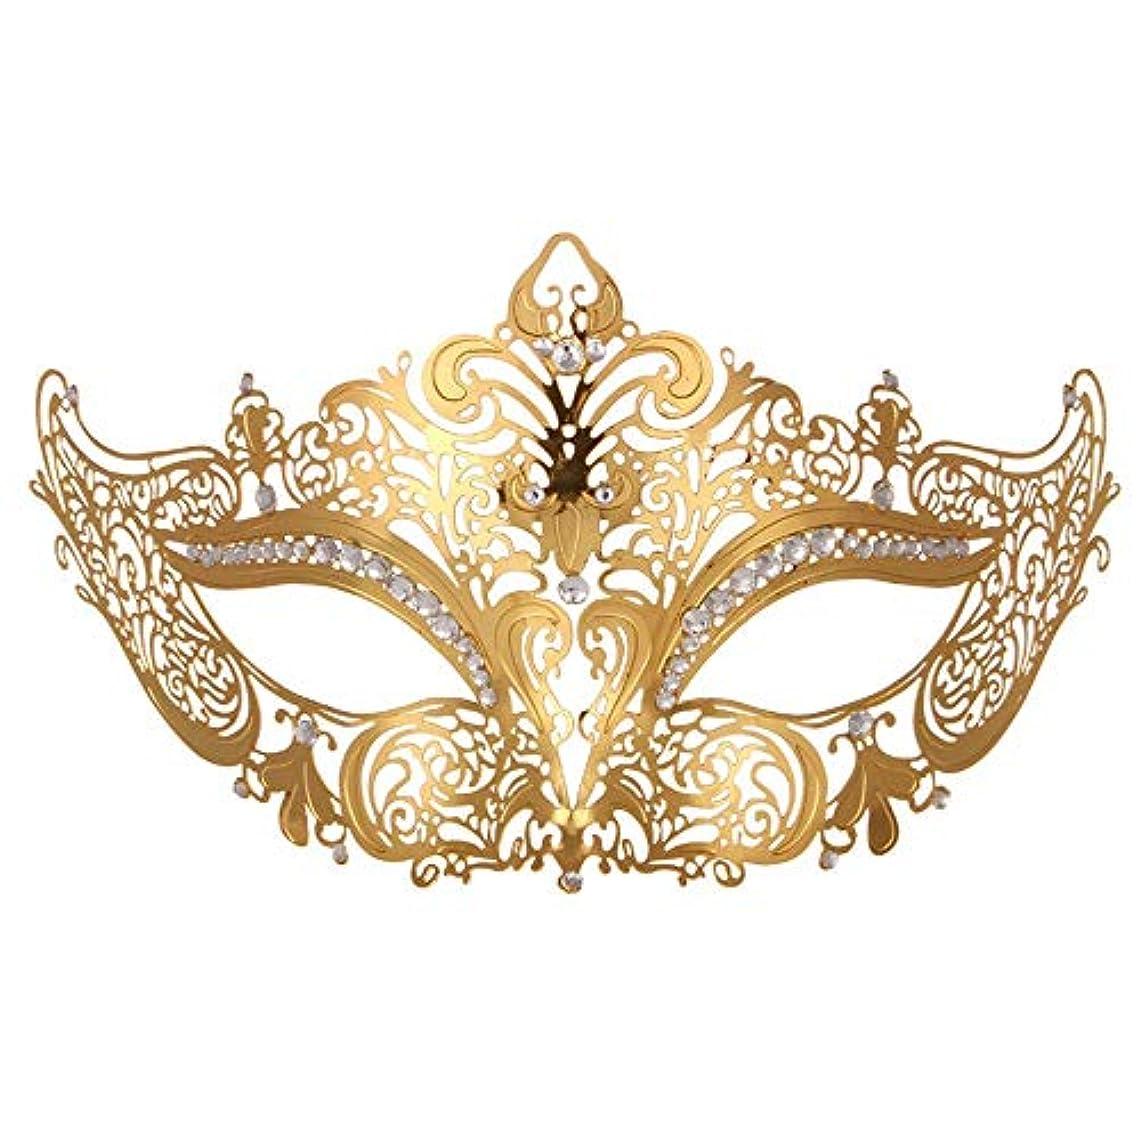 美しい入口定義するダンスマスク 高級金メッキ銀マスク仮装小道具ロールプレイングナイトクラブパーティーマスク ホリデーパーティー用品 (色 : ゴールド, サイズ : Universal)